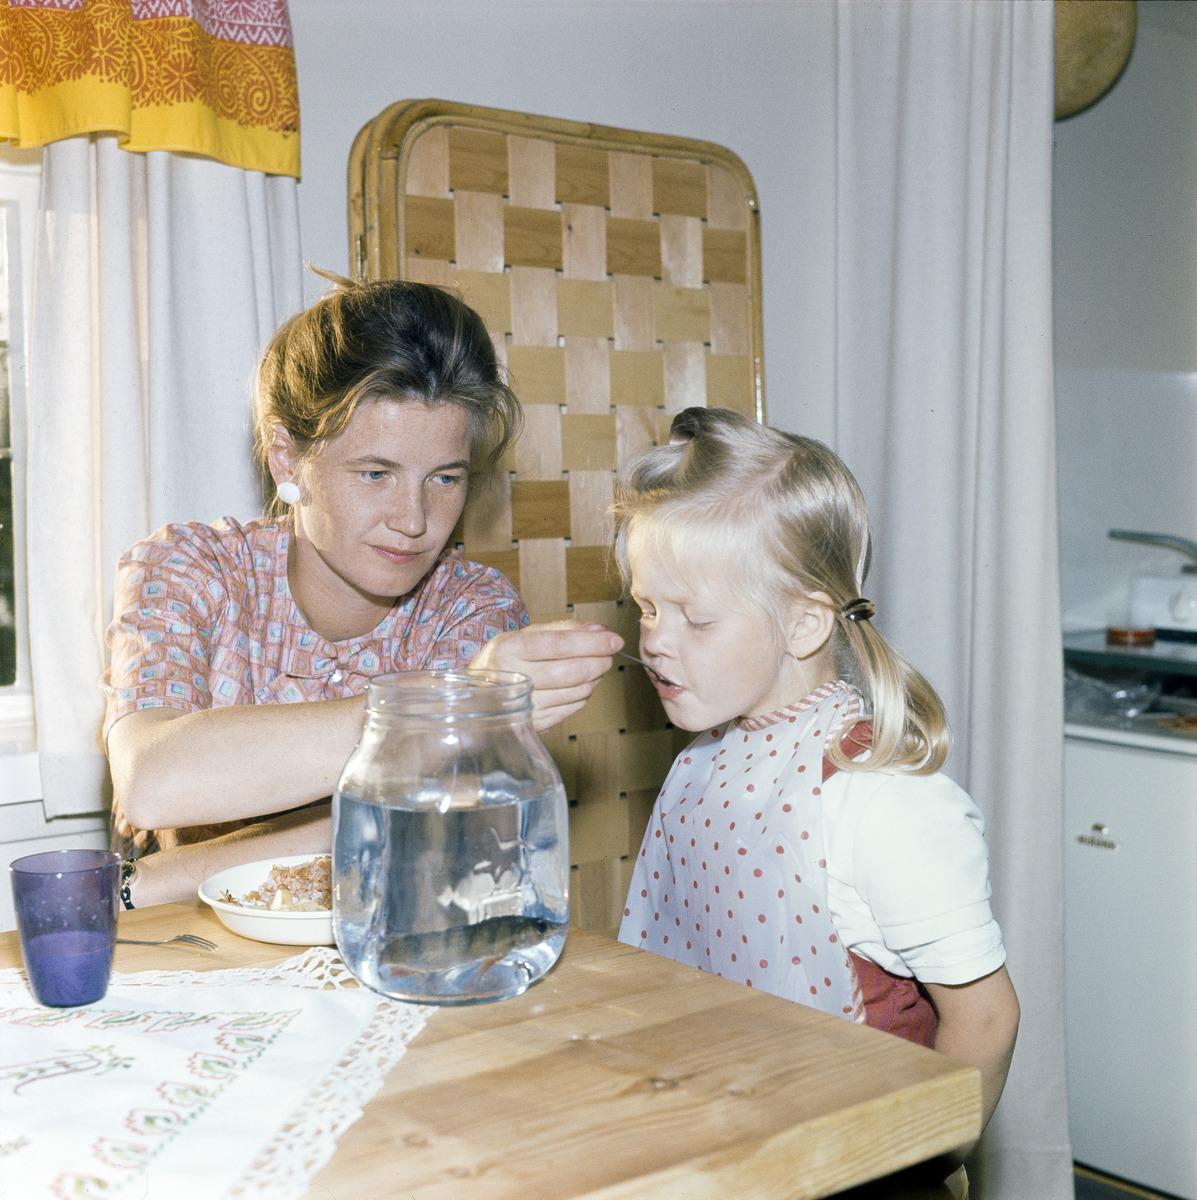 Nainen syöttää pientä lasta keittiön pöydän ääressä